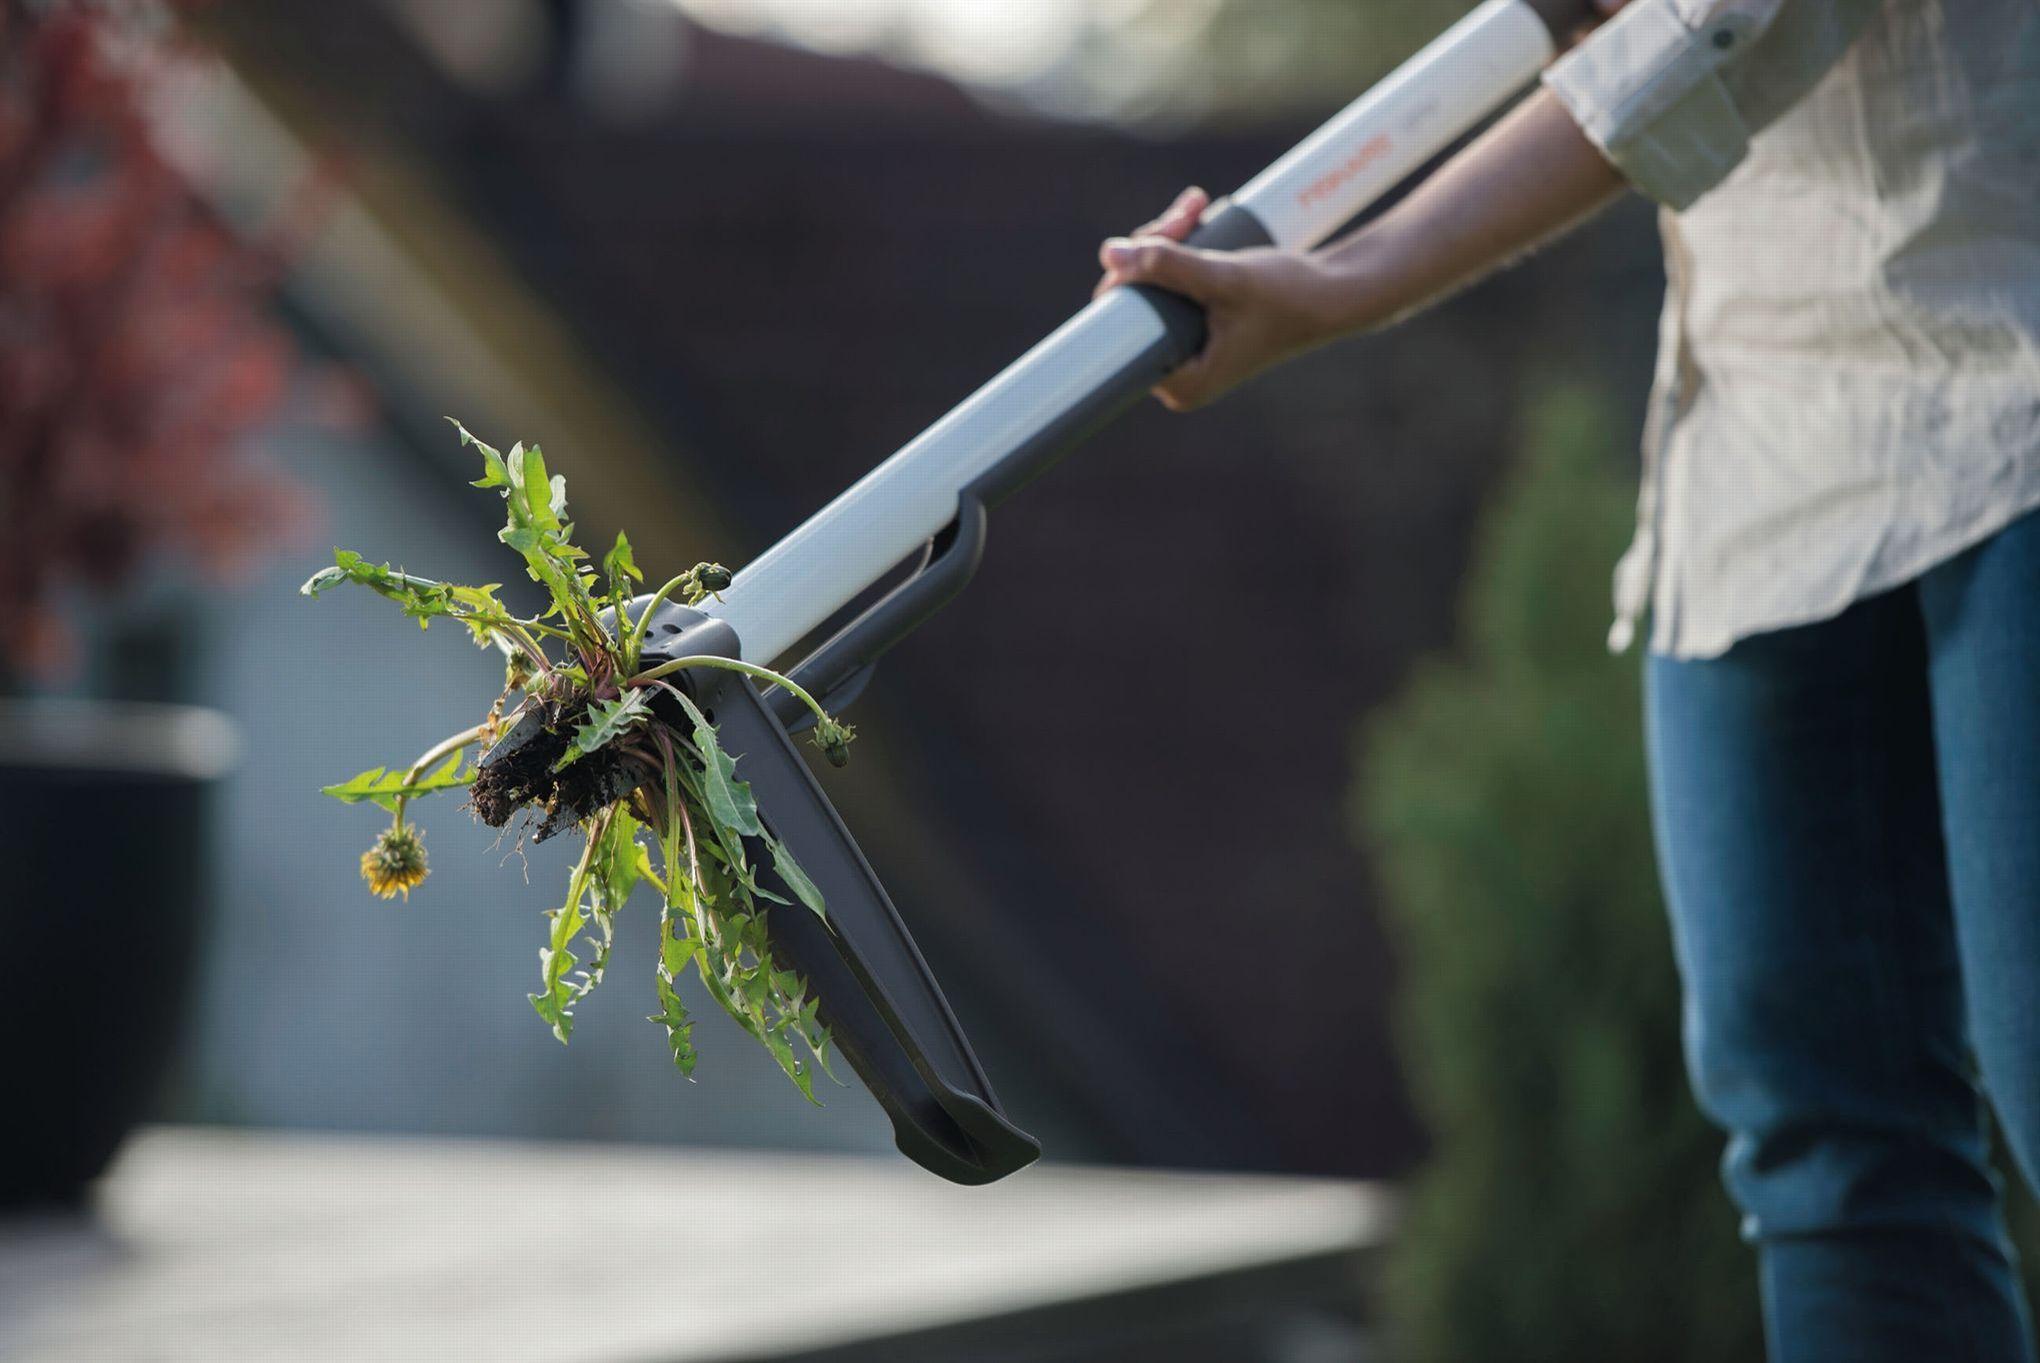 Mauvaises herbes l 39 arme fatale - Fabriquer son desherbant ...